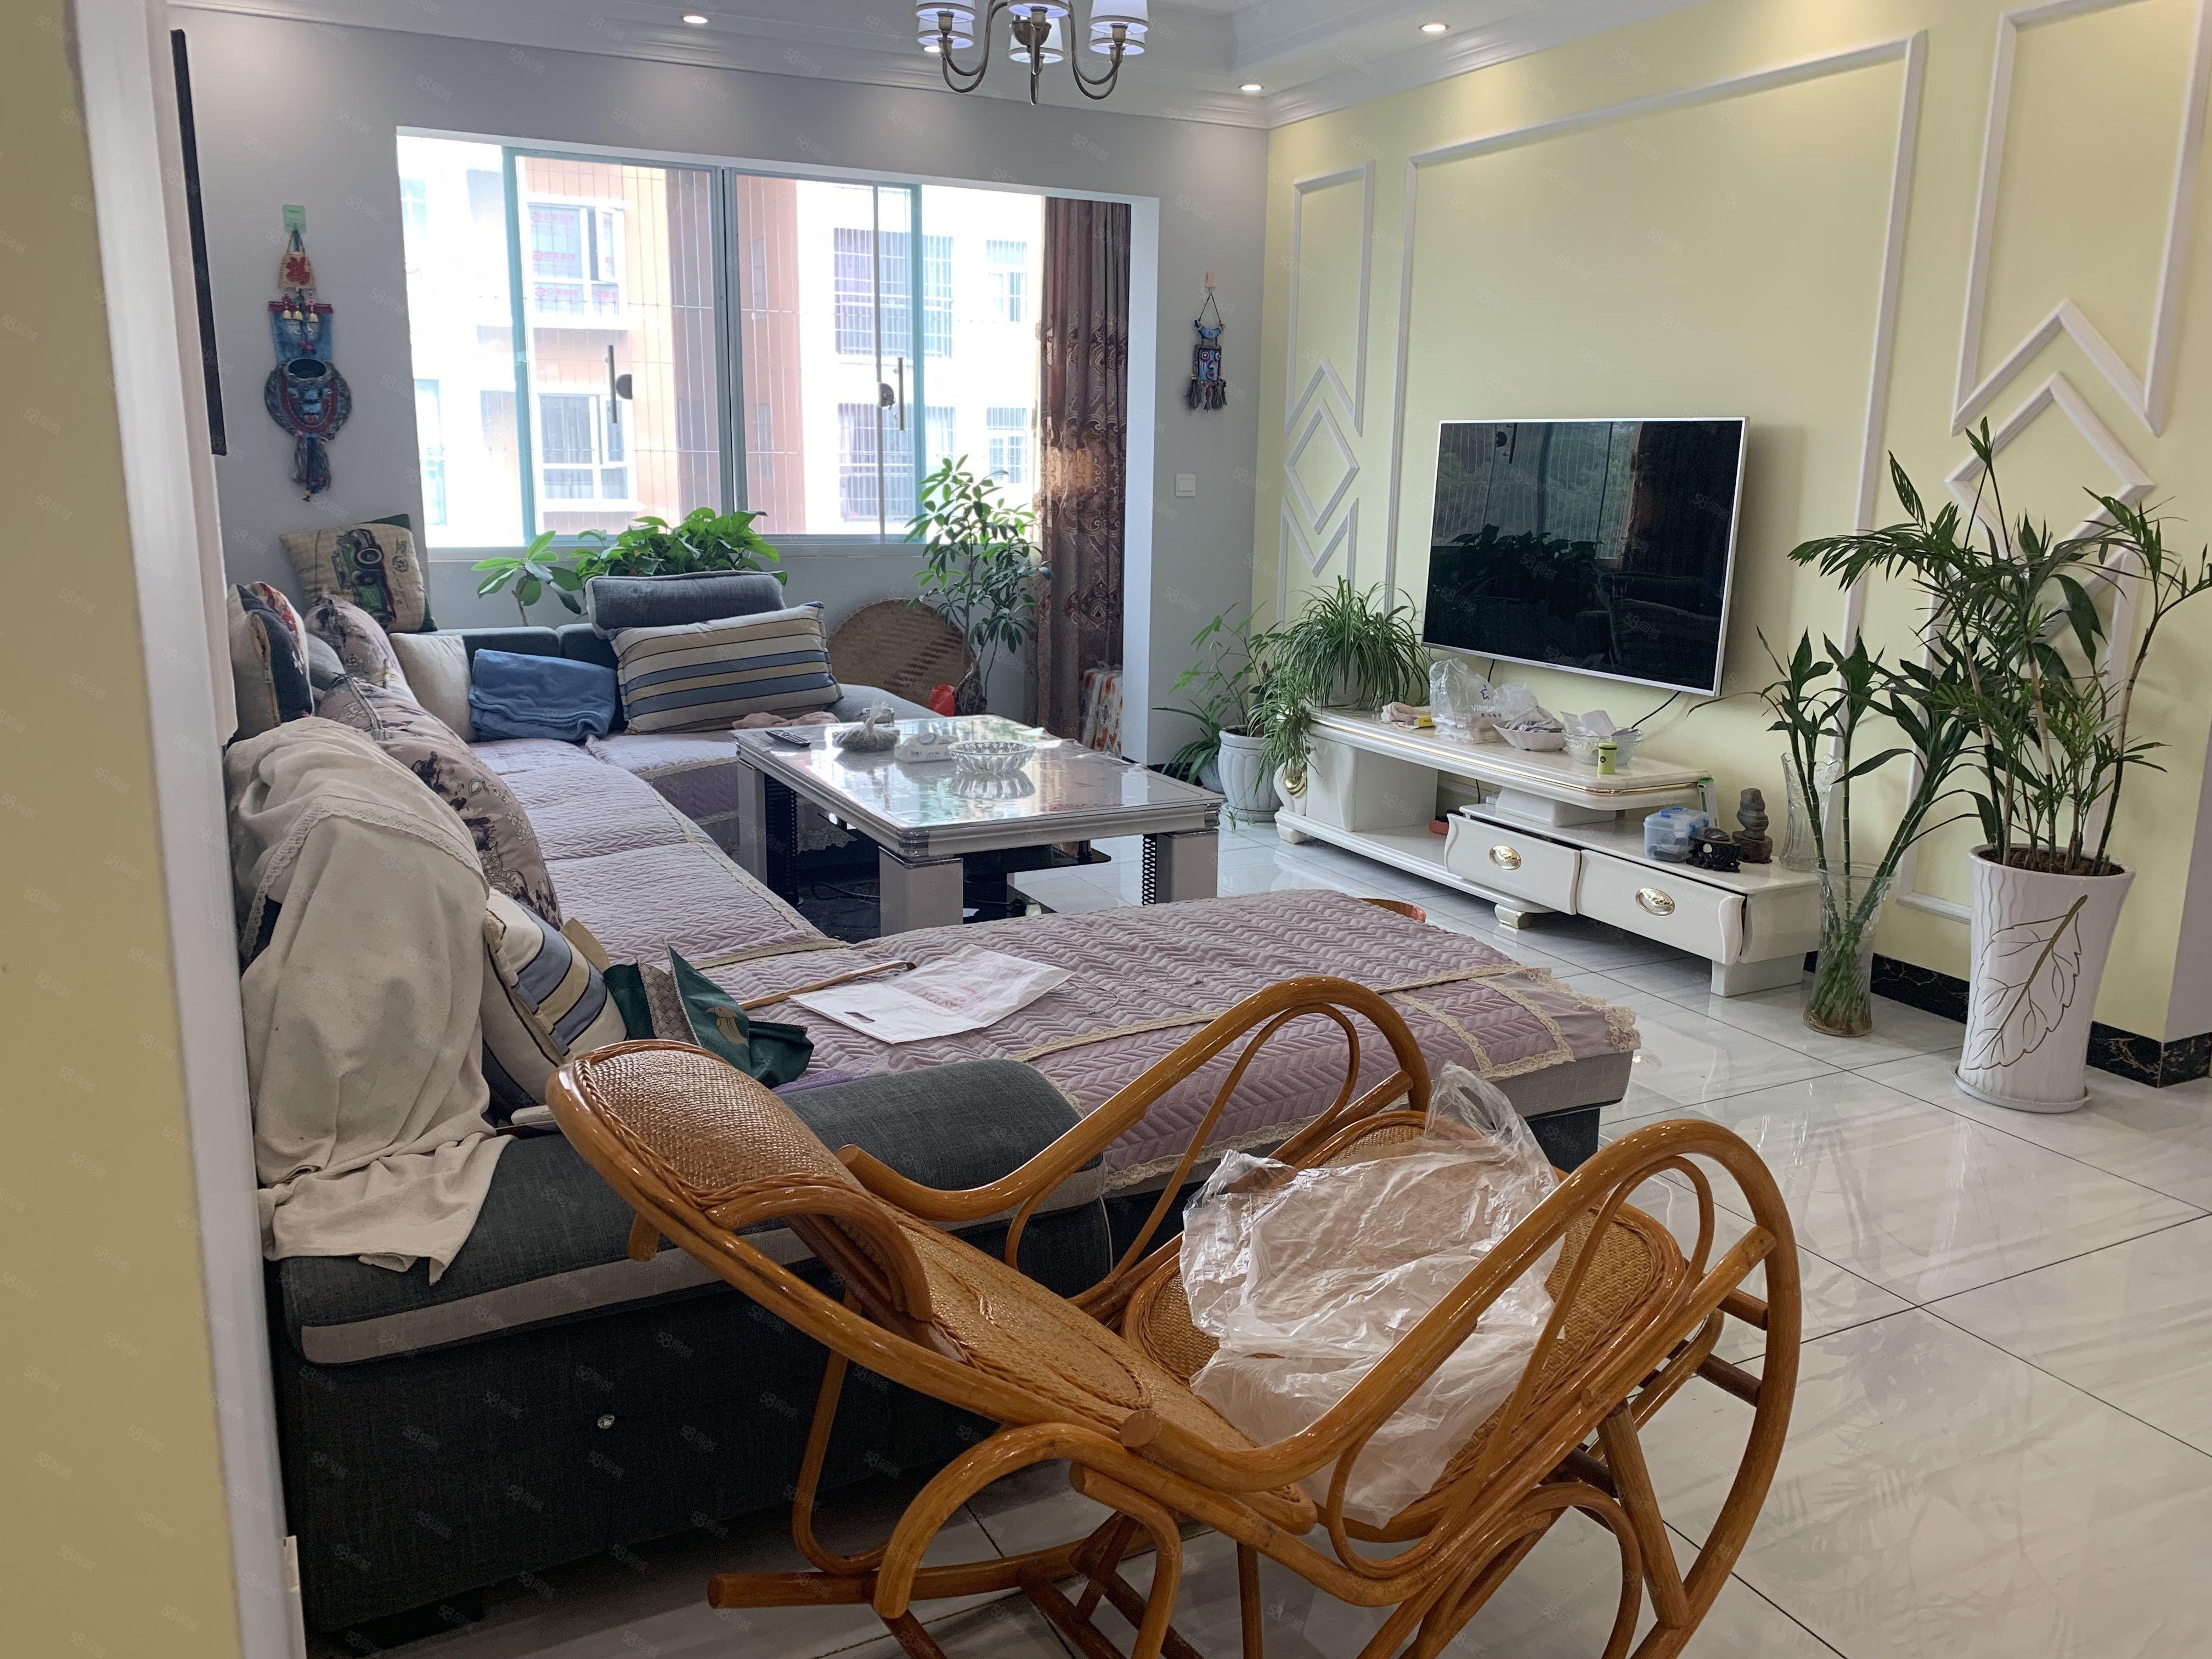 香檳花園精裝修帶家具家電支持貸款領包入住干凈整潔